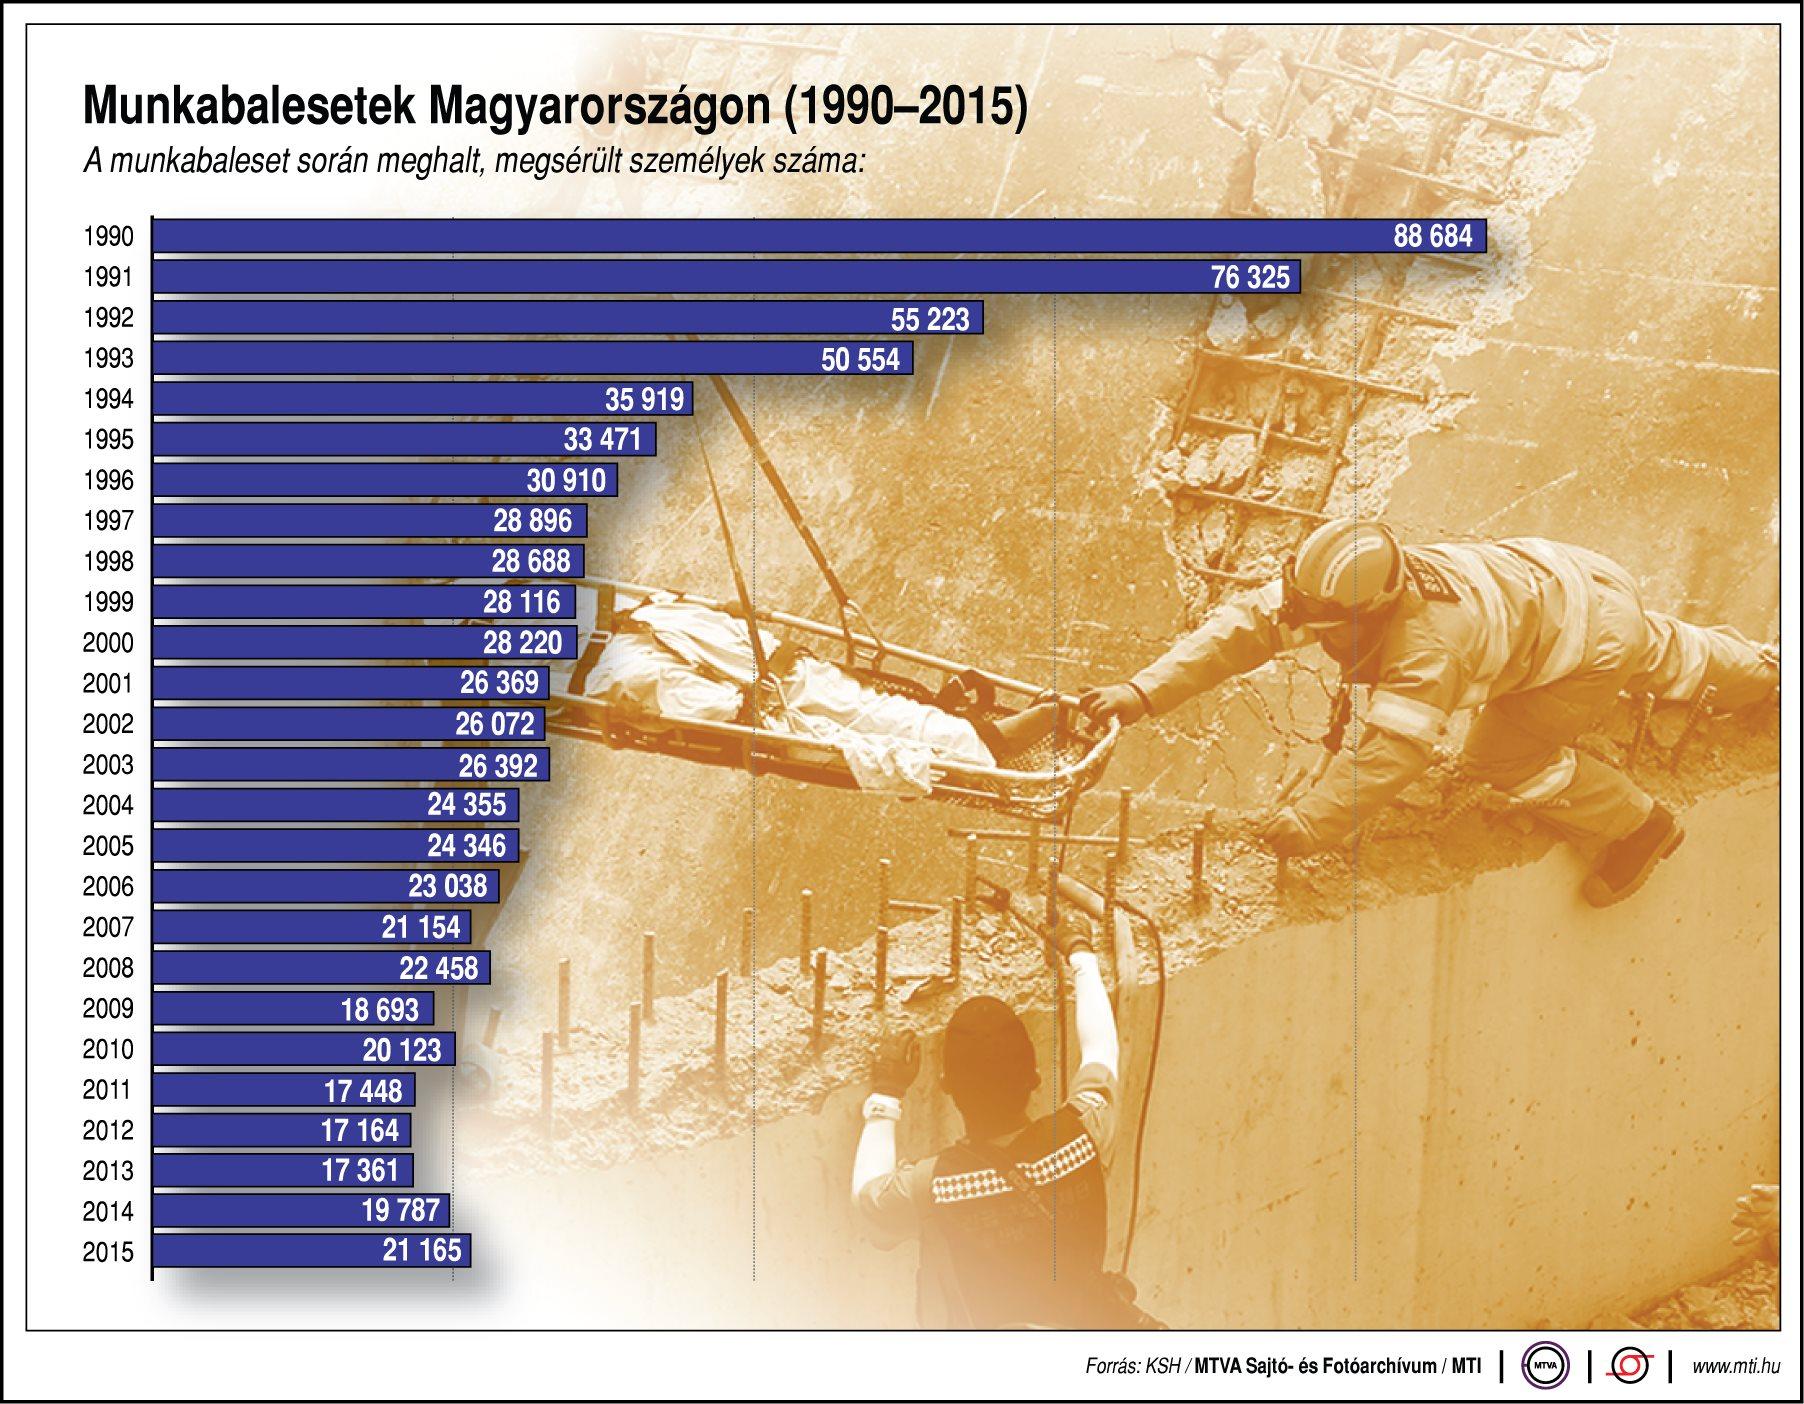 Egyre biztonságosabb a munkahelyek, vagy óvatosabbak vagyunk?  - ábra